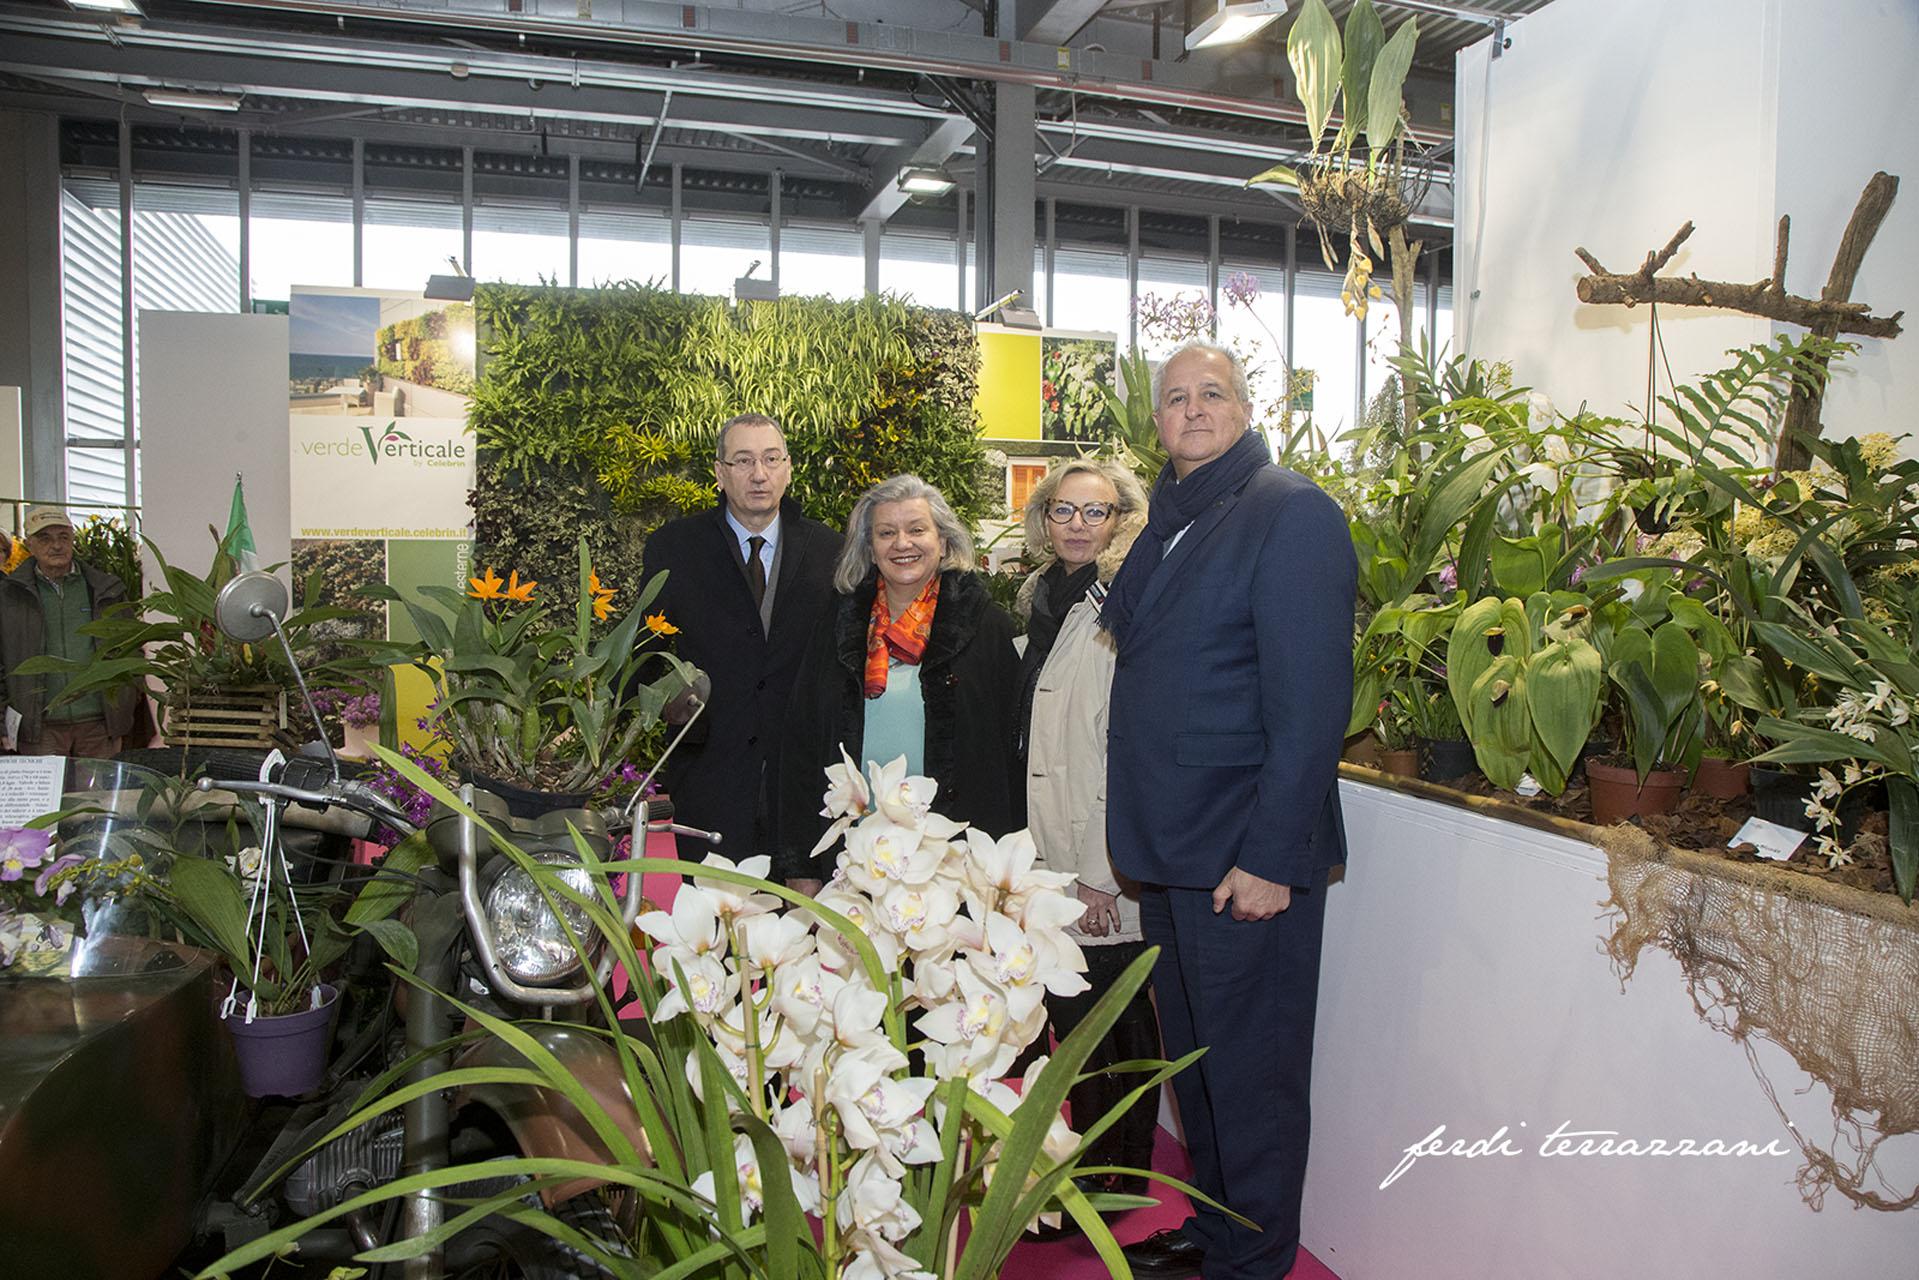 pn-orchidea-6641